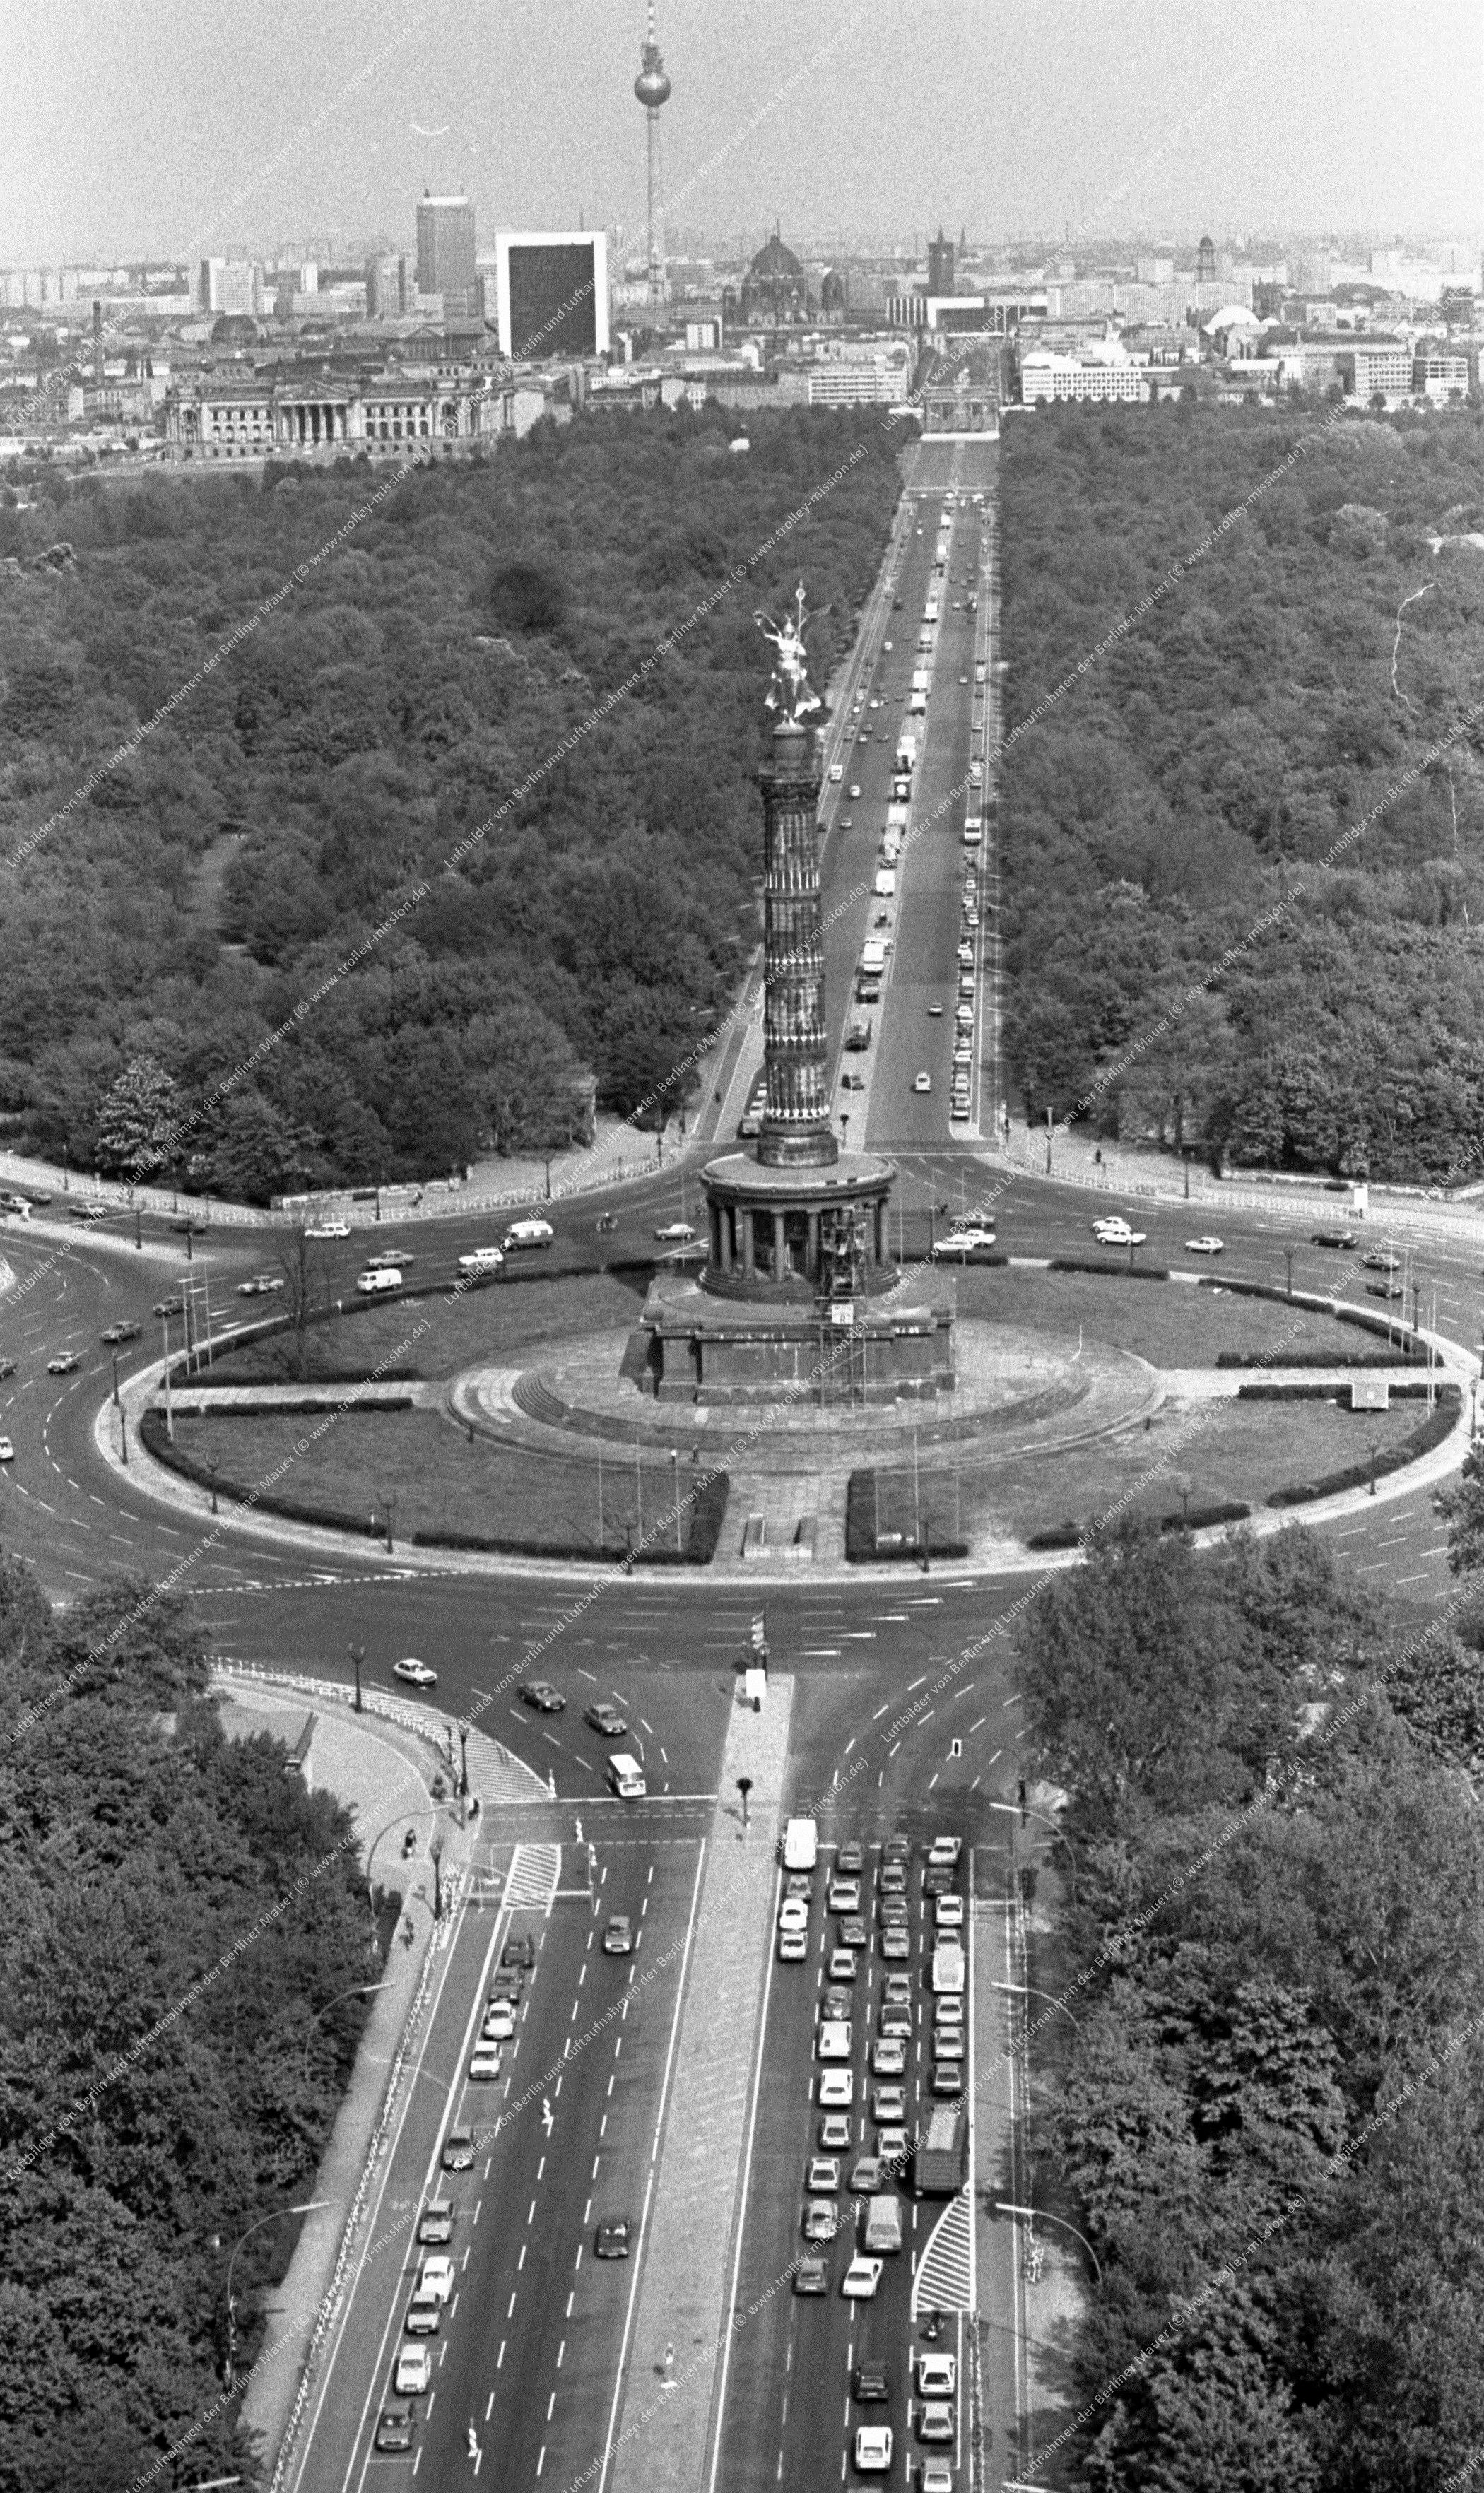 Berlin Luftbild Siegessäule am Großen Stern vom 12. Mai 1982 (Bild 053)